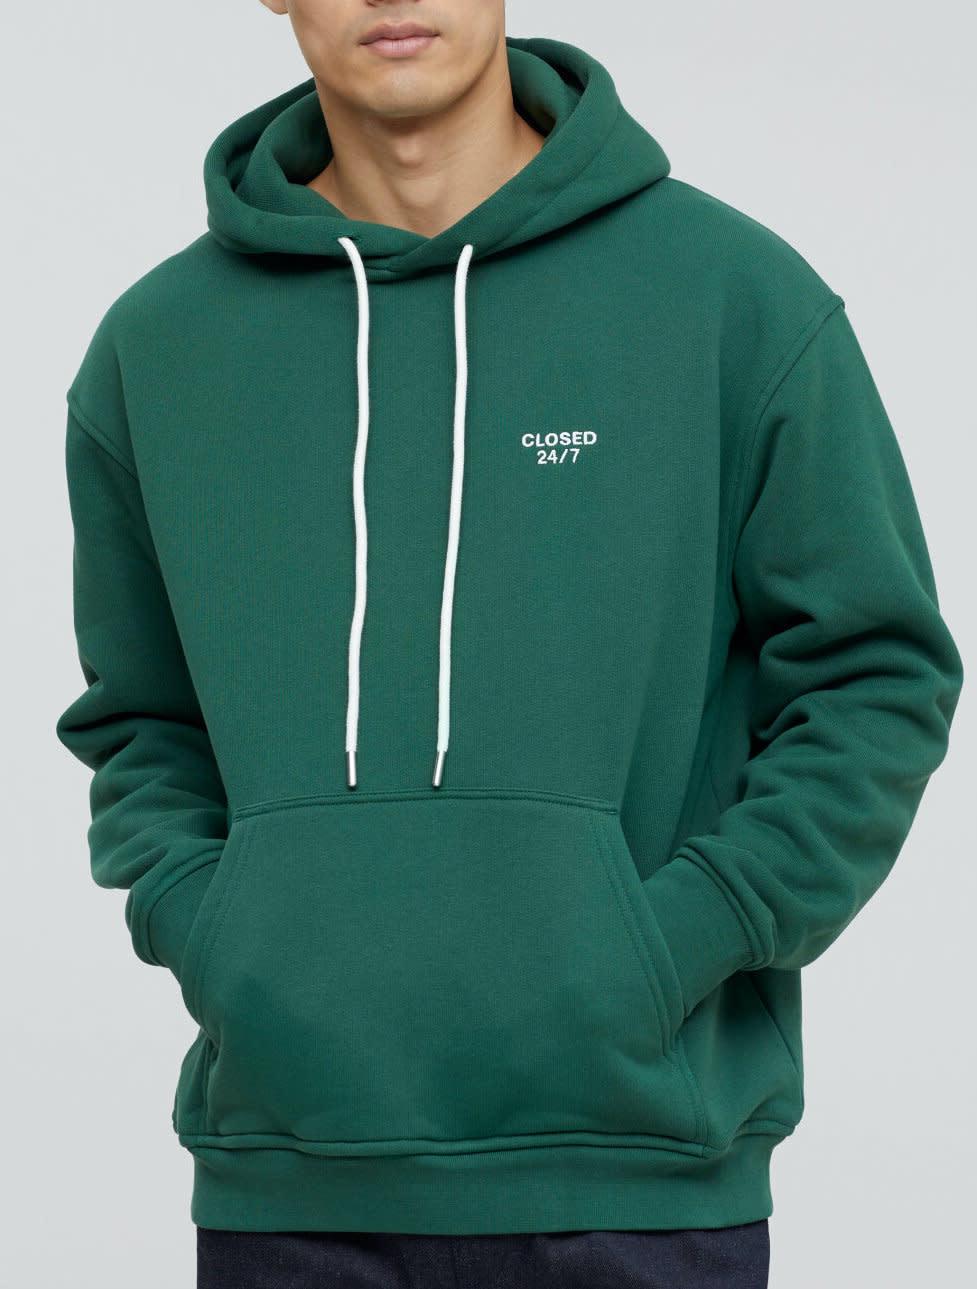 Hoodie fir green-1